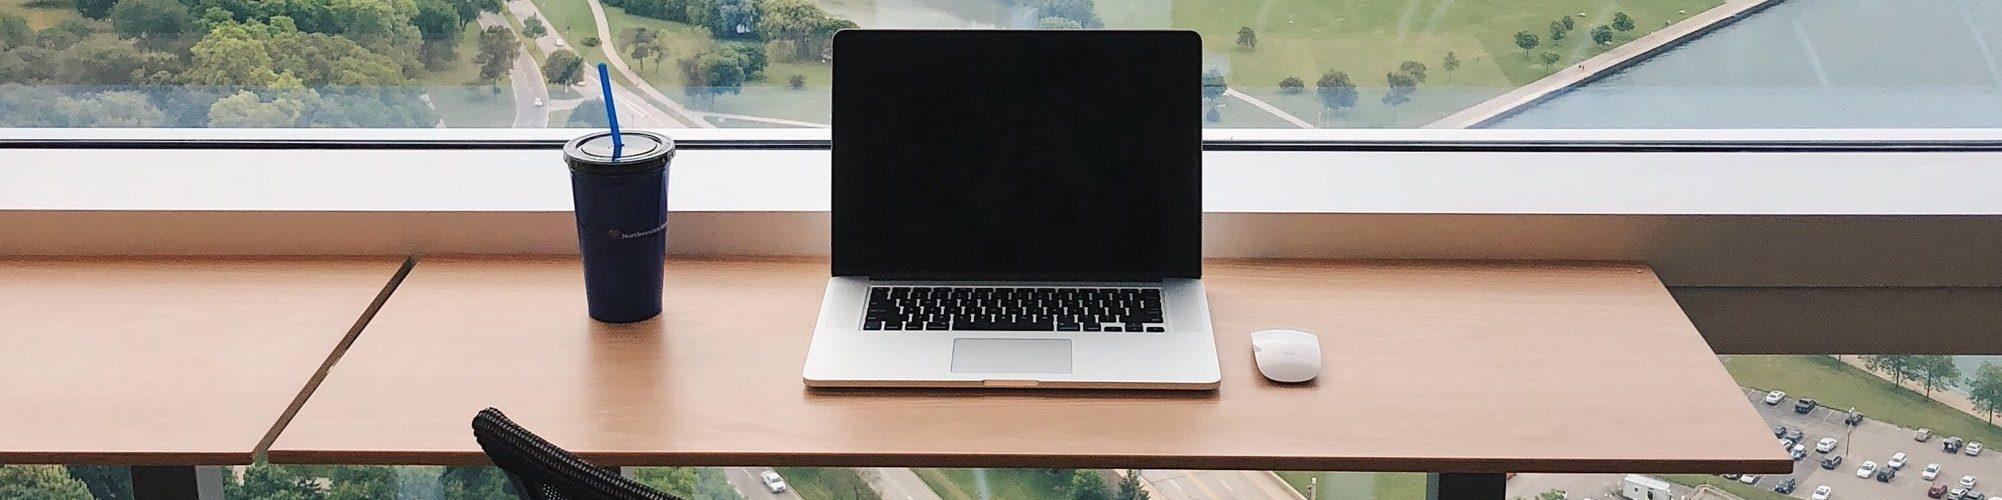 bureau-laptop-mooi-uitzicht